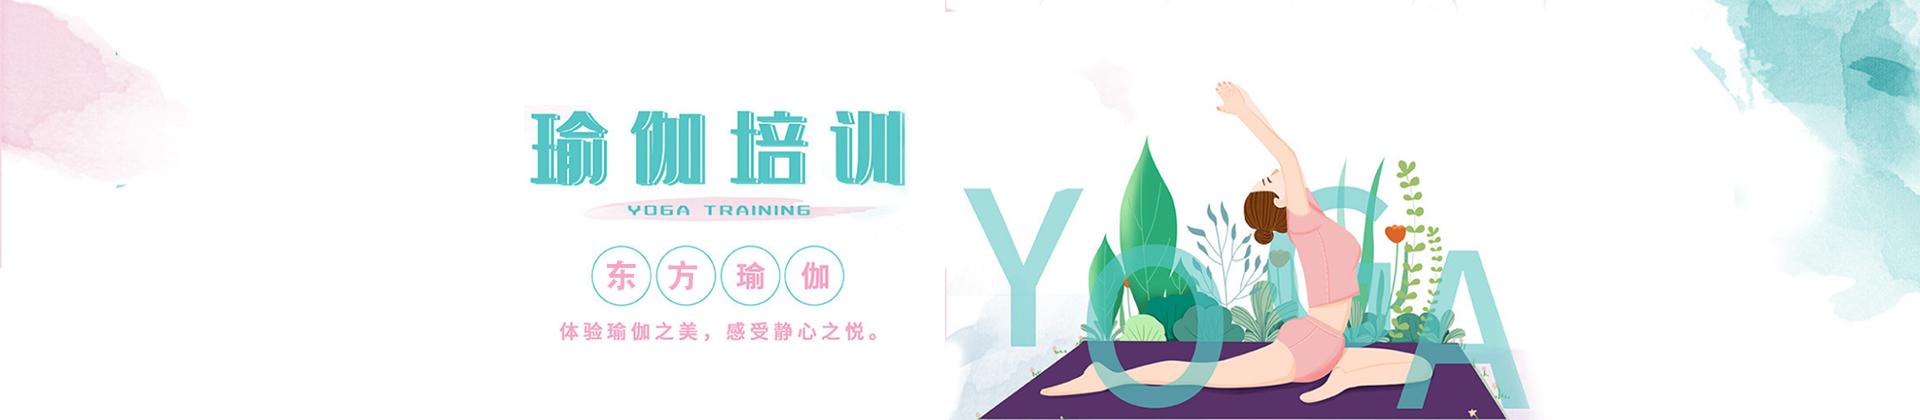 廣州東方瑜伽